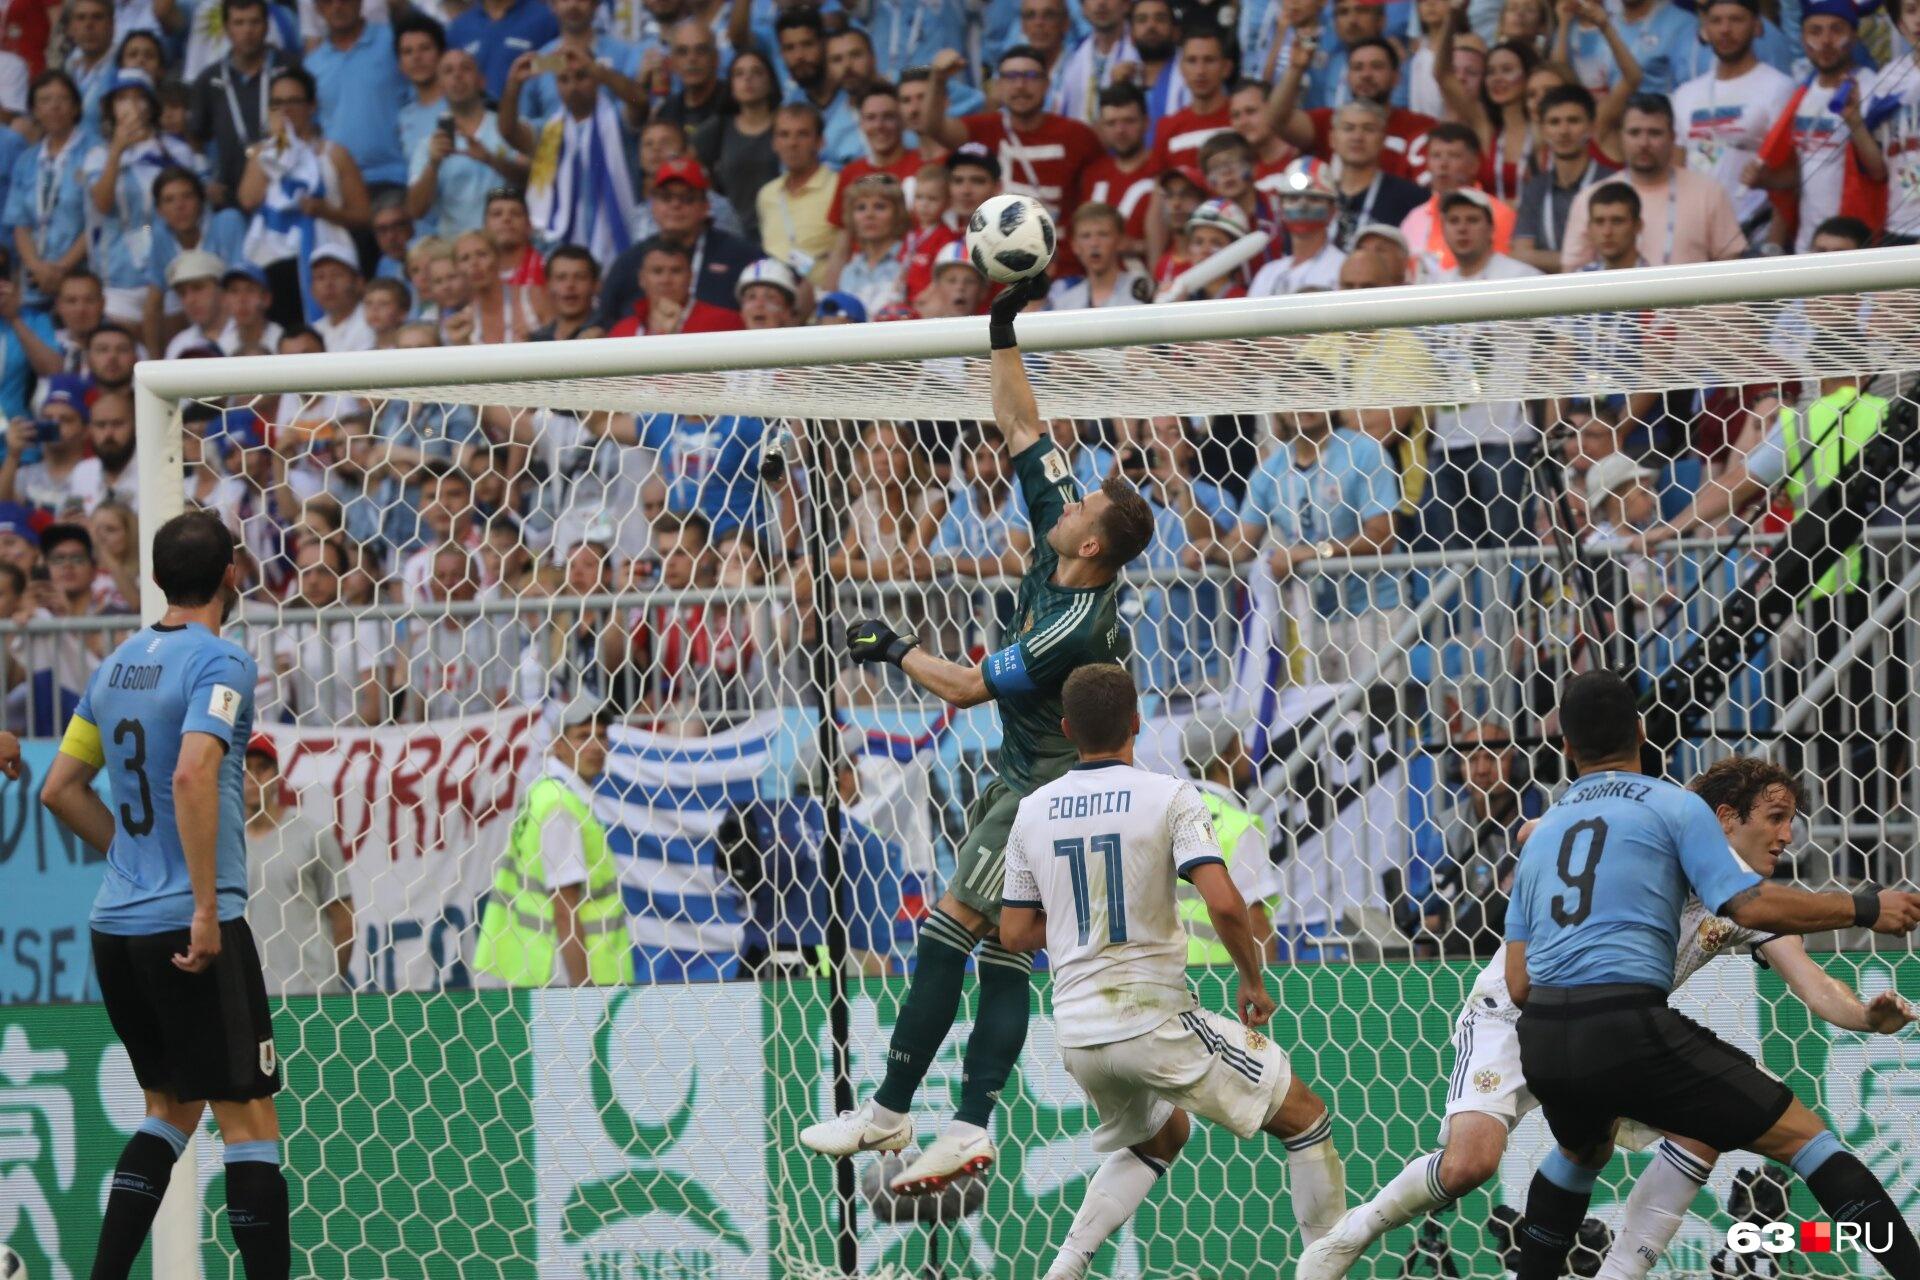 Игорь Акинфеев брал невероятные мячи, но атак уругвайцев было слишком много